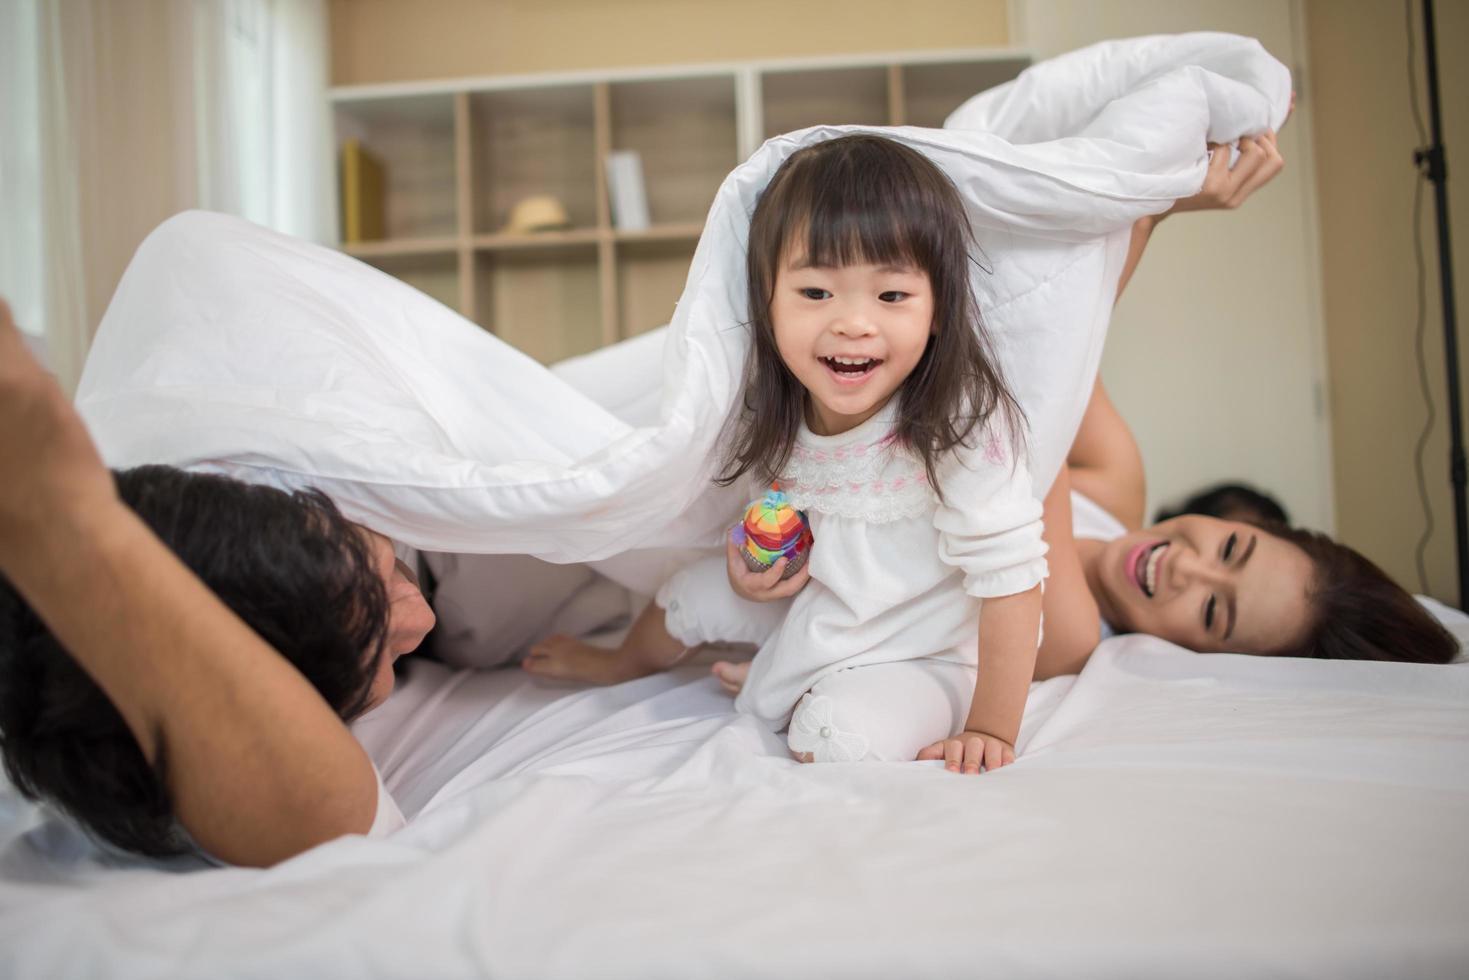 gelukkig kind met spelende ouders foto